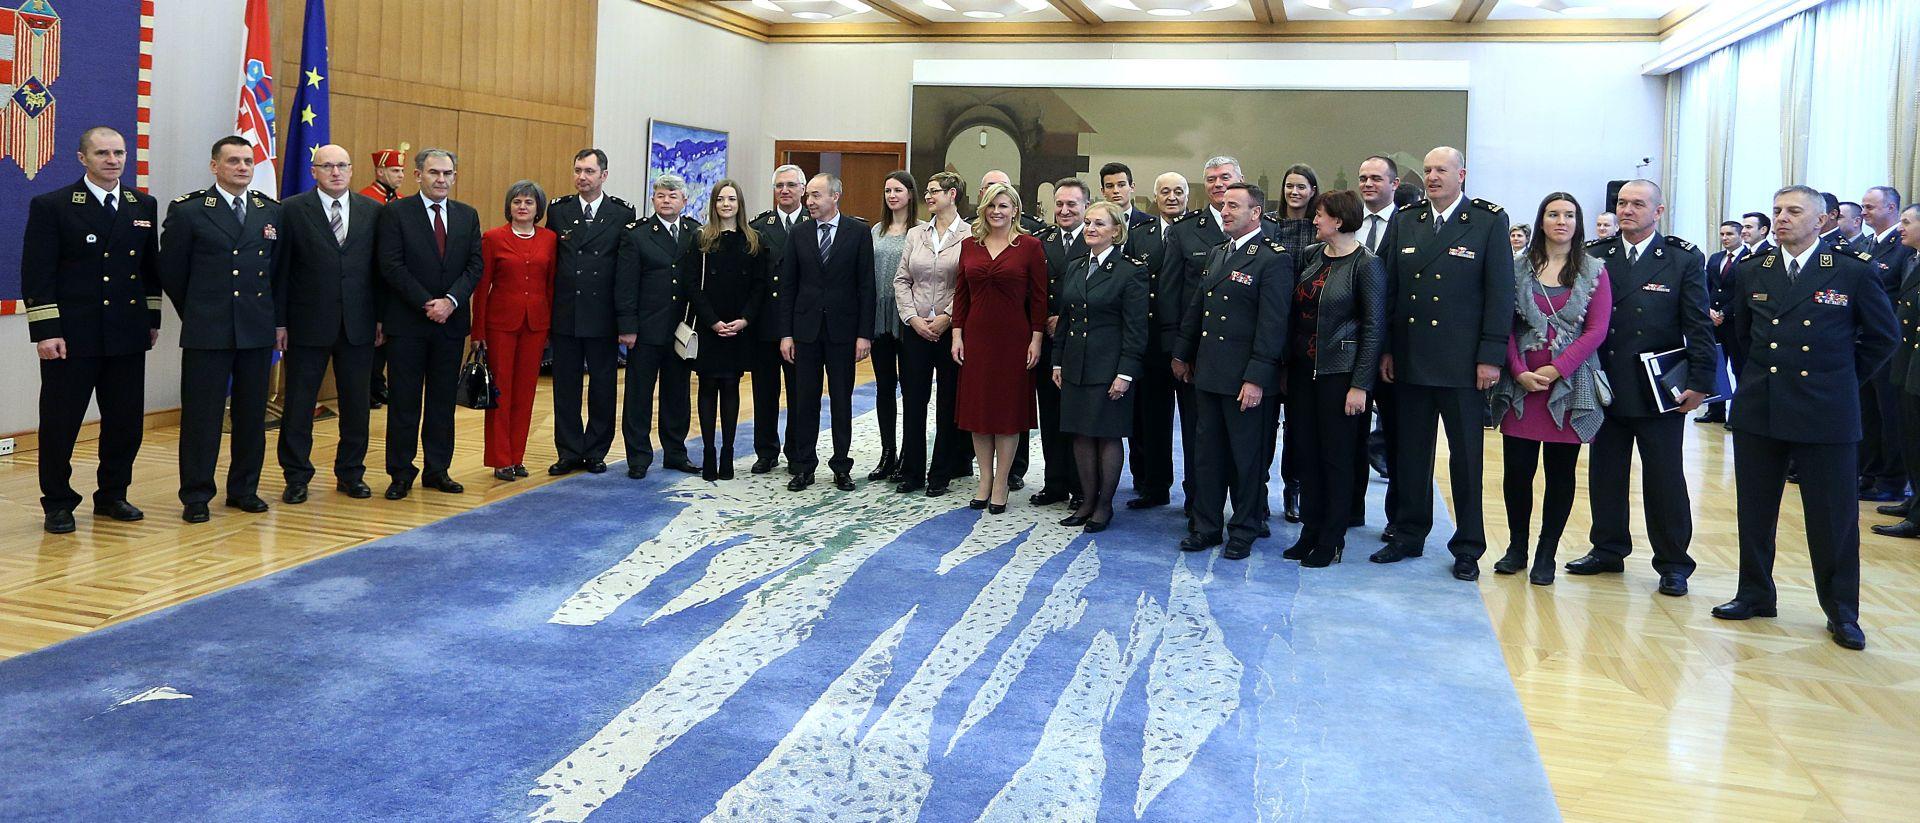 Predsjednica Grabar-Kitarović priredila prijem za umirovljene generale i brigadire